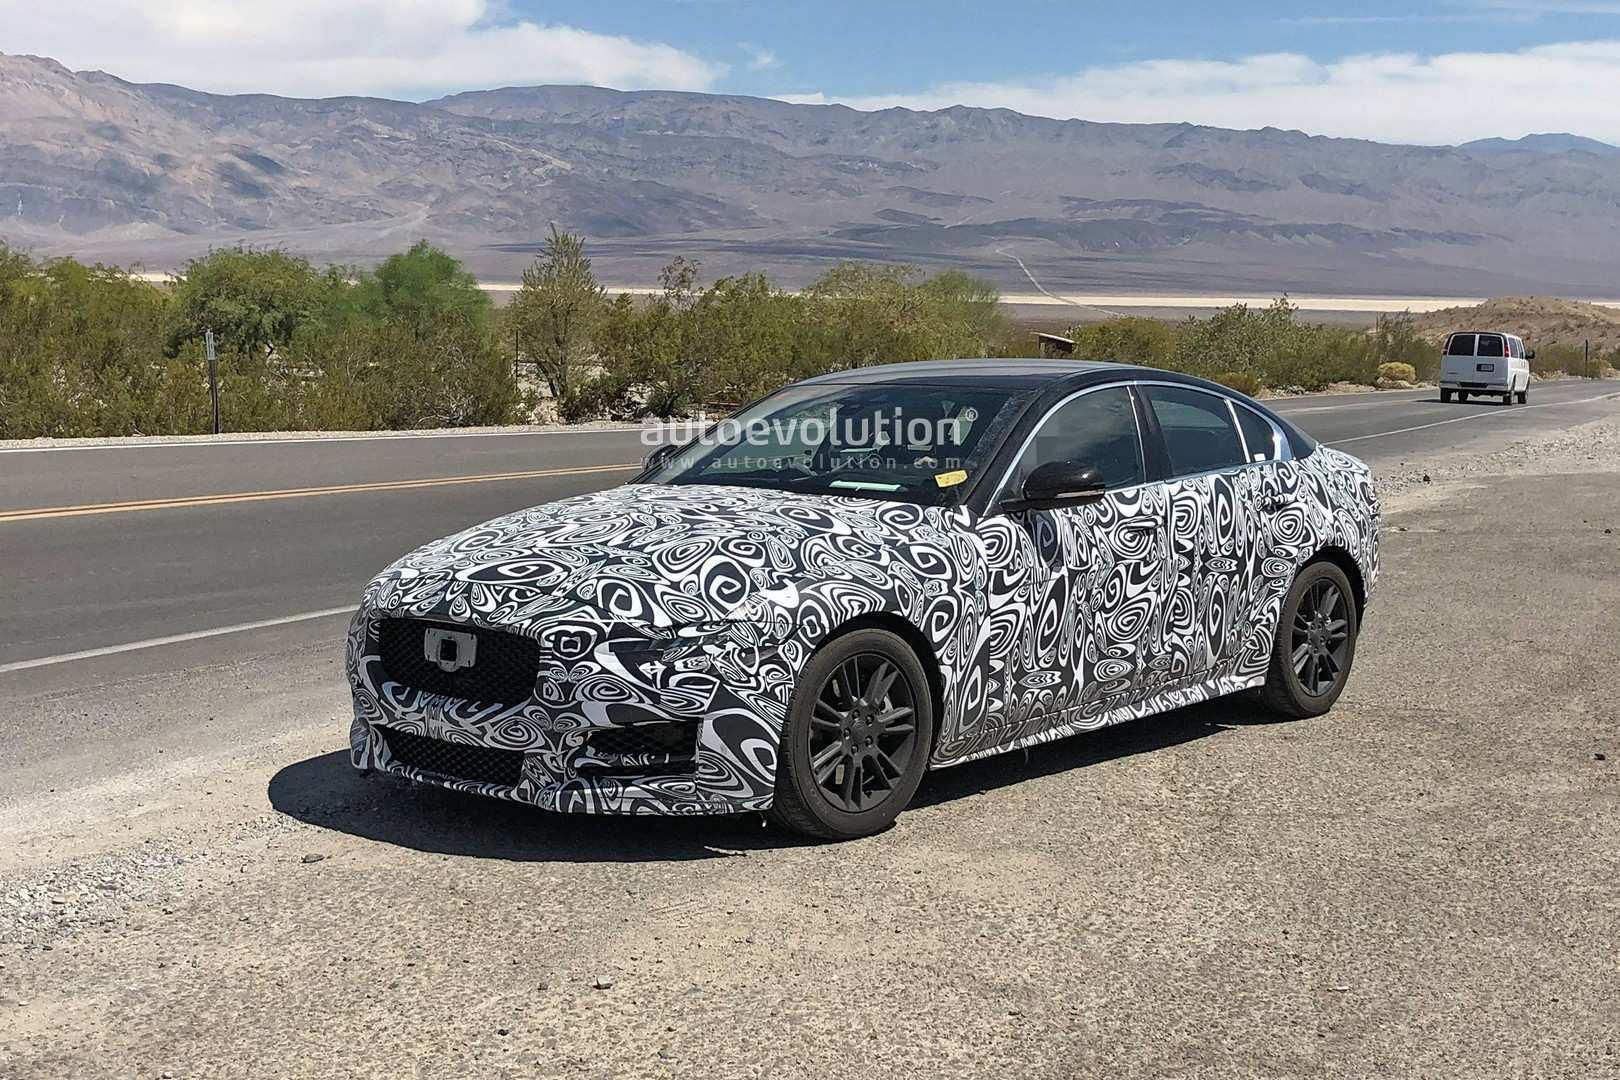 36 All New 2020 Jaguar Xe Sedan New Review by 2020 Jaguar Xe Sedan